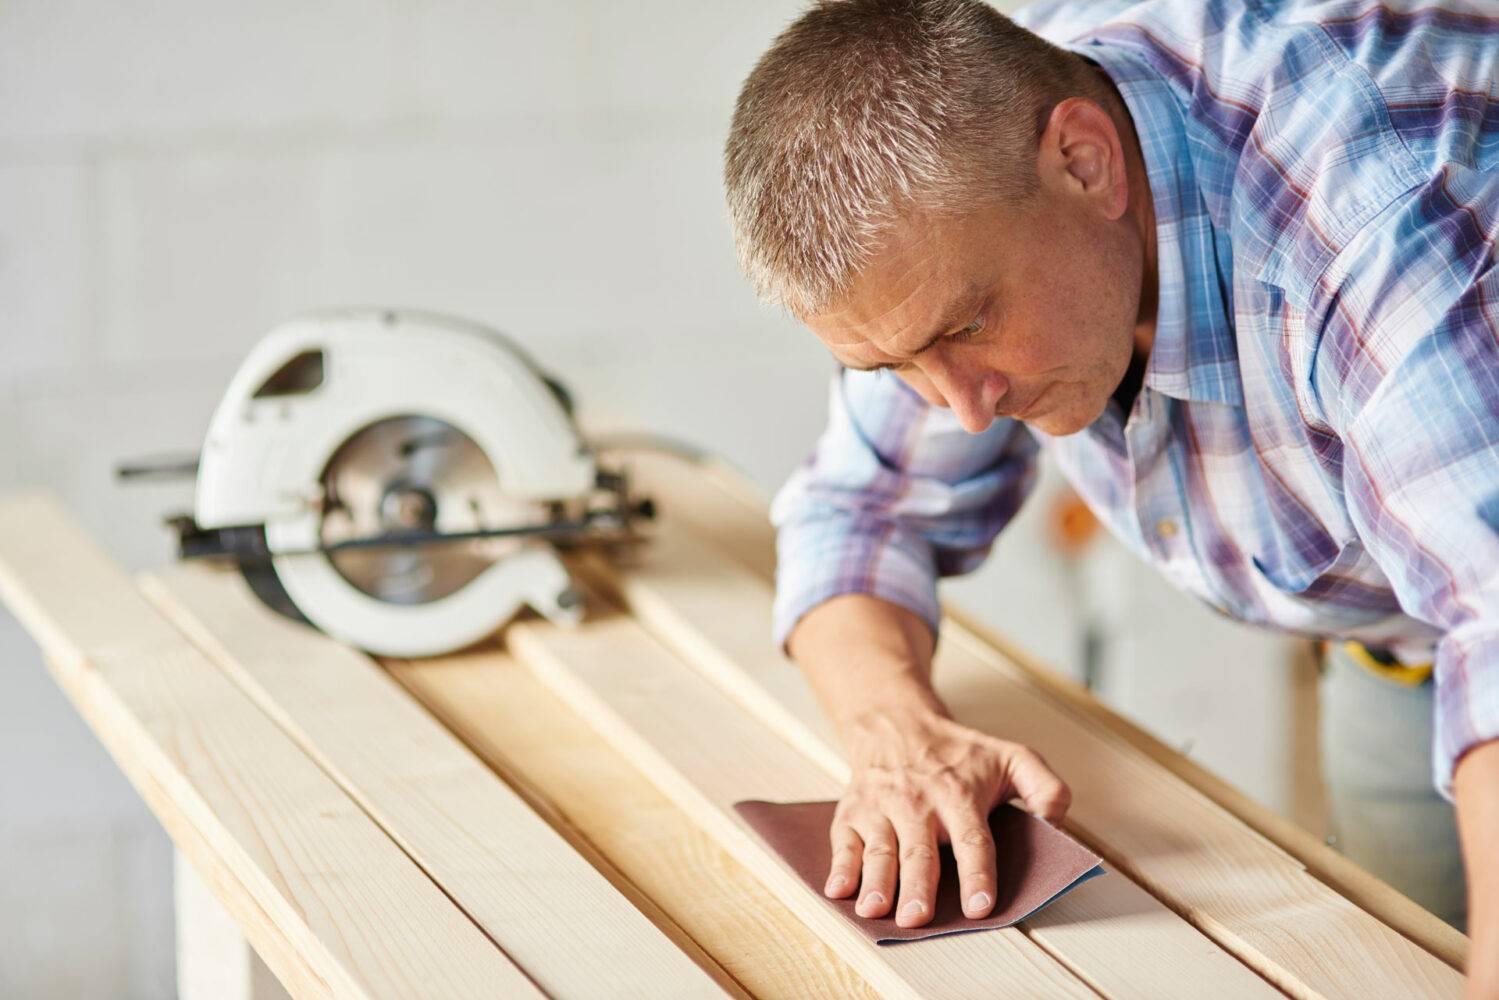 Cómo tapar agujeros en madera